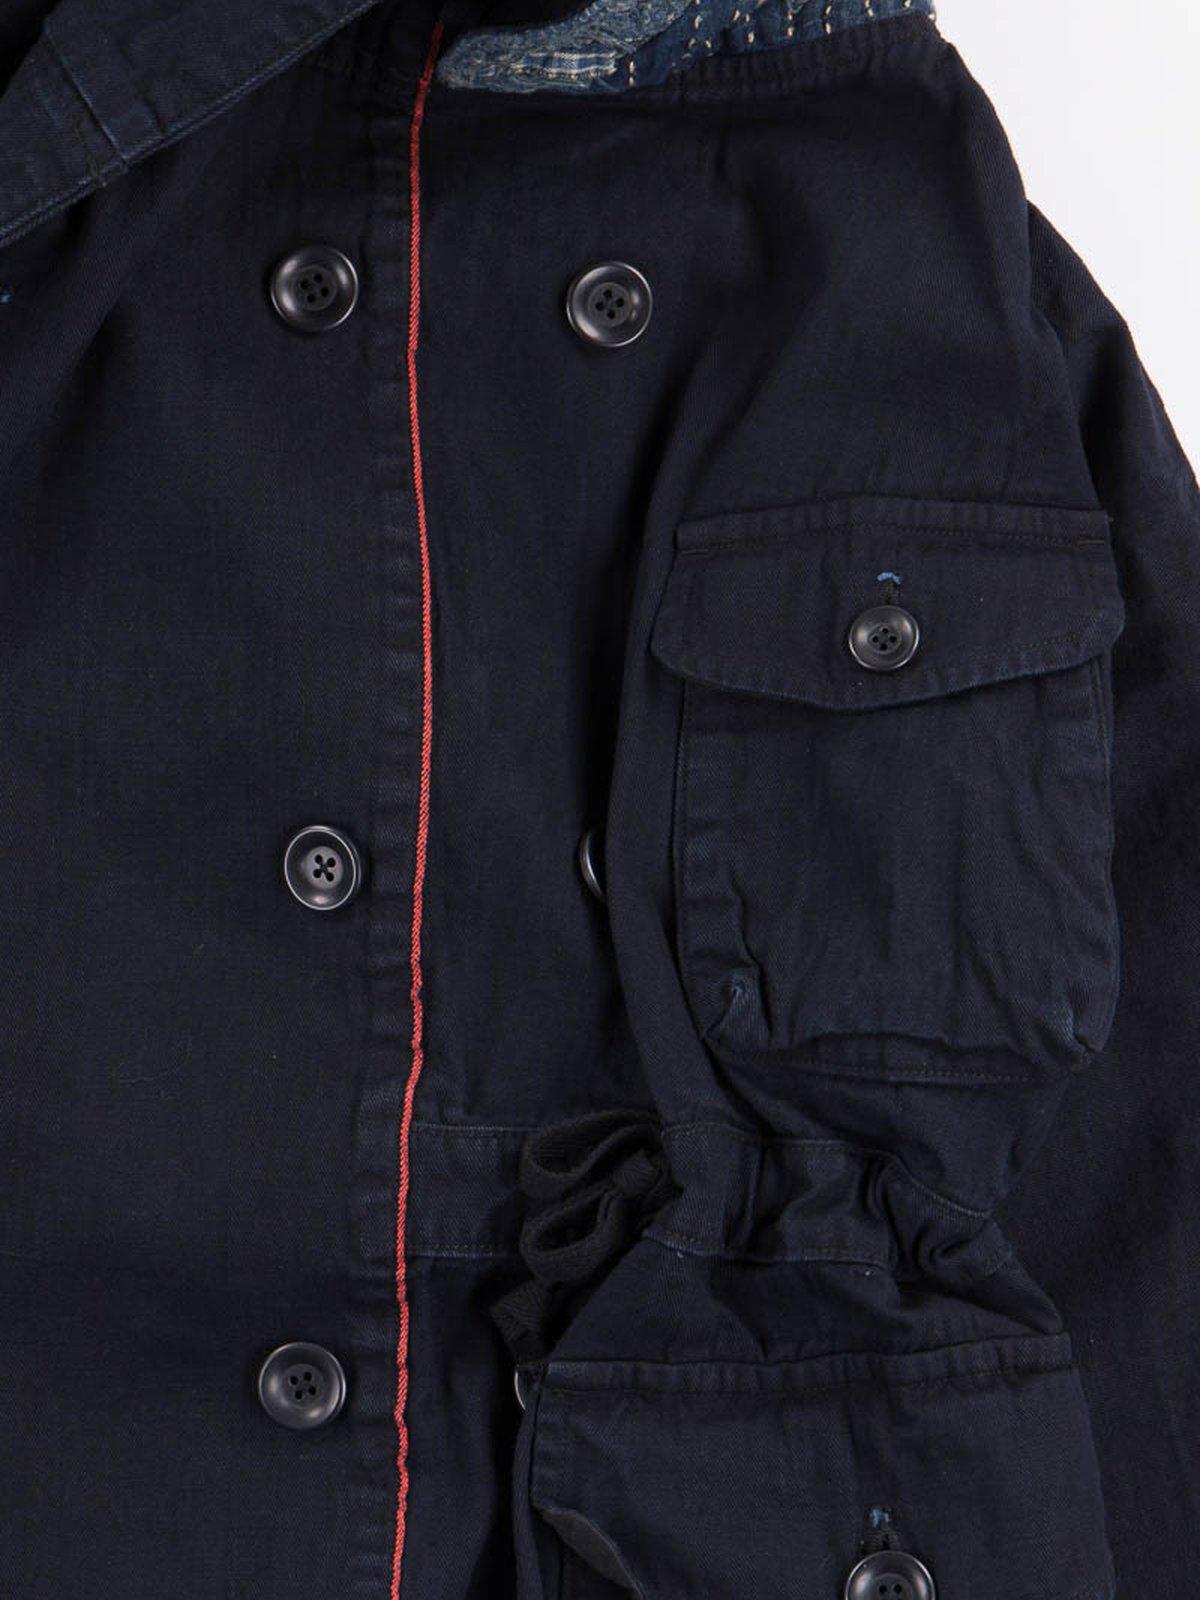 Indigo Yori Heat Twill Boro Ring Coat - Image 3